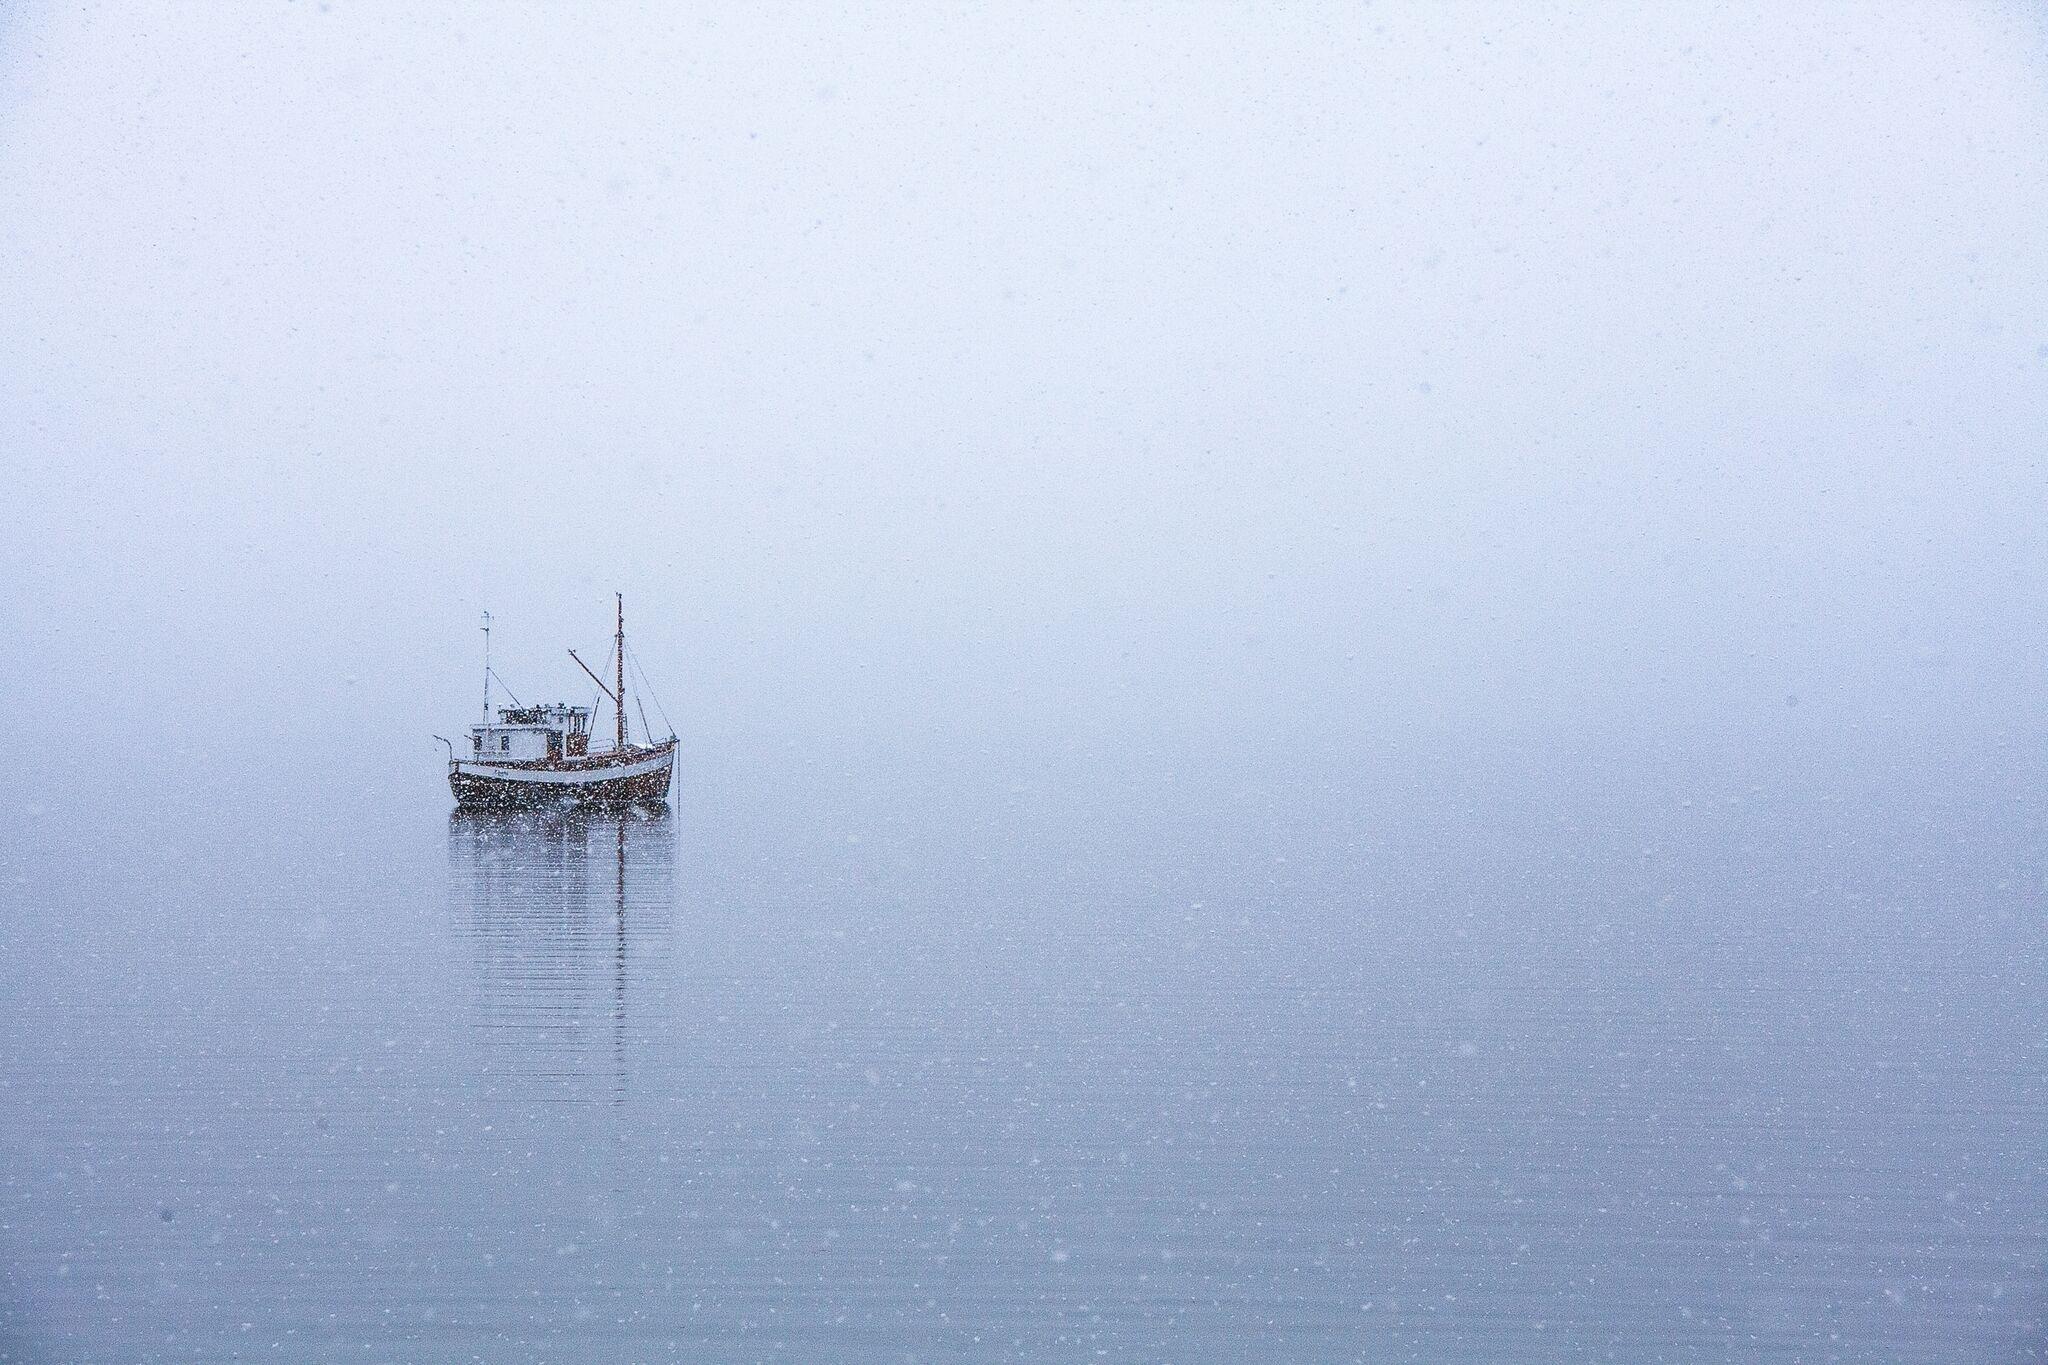 Fishing boat  by Vegar Samestad Hansen